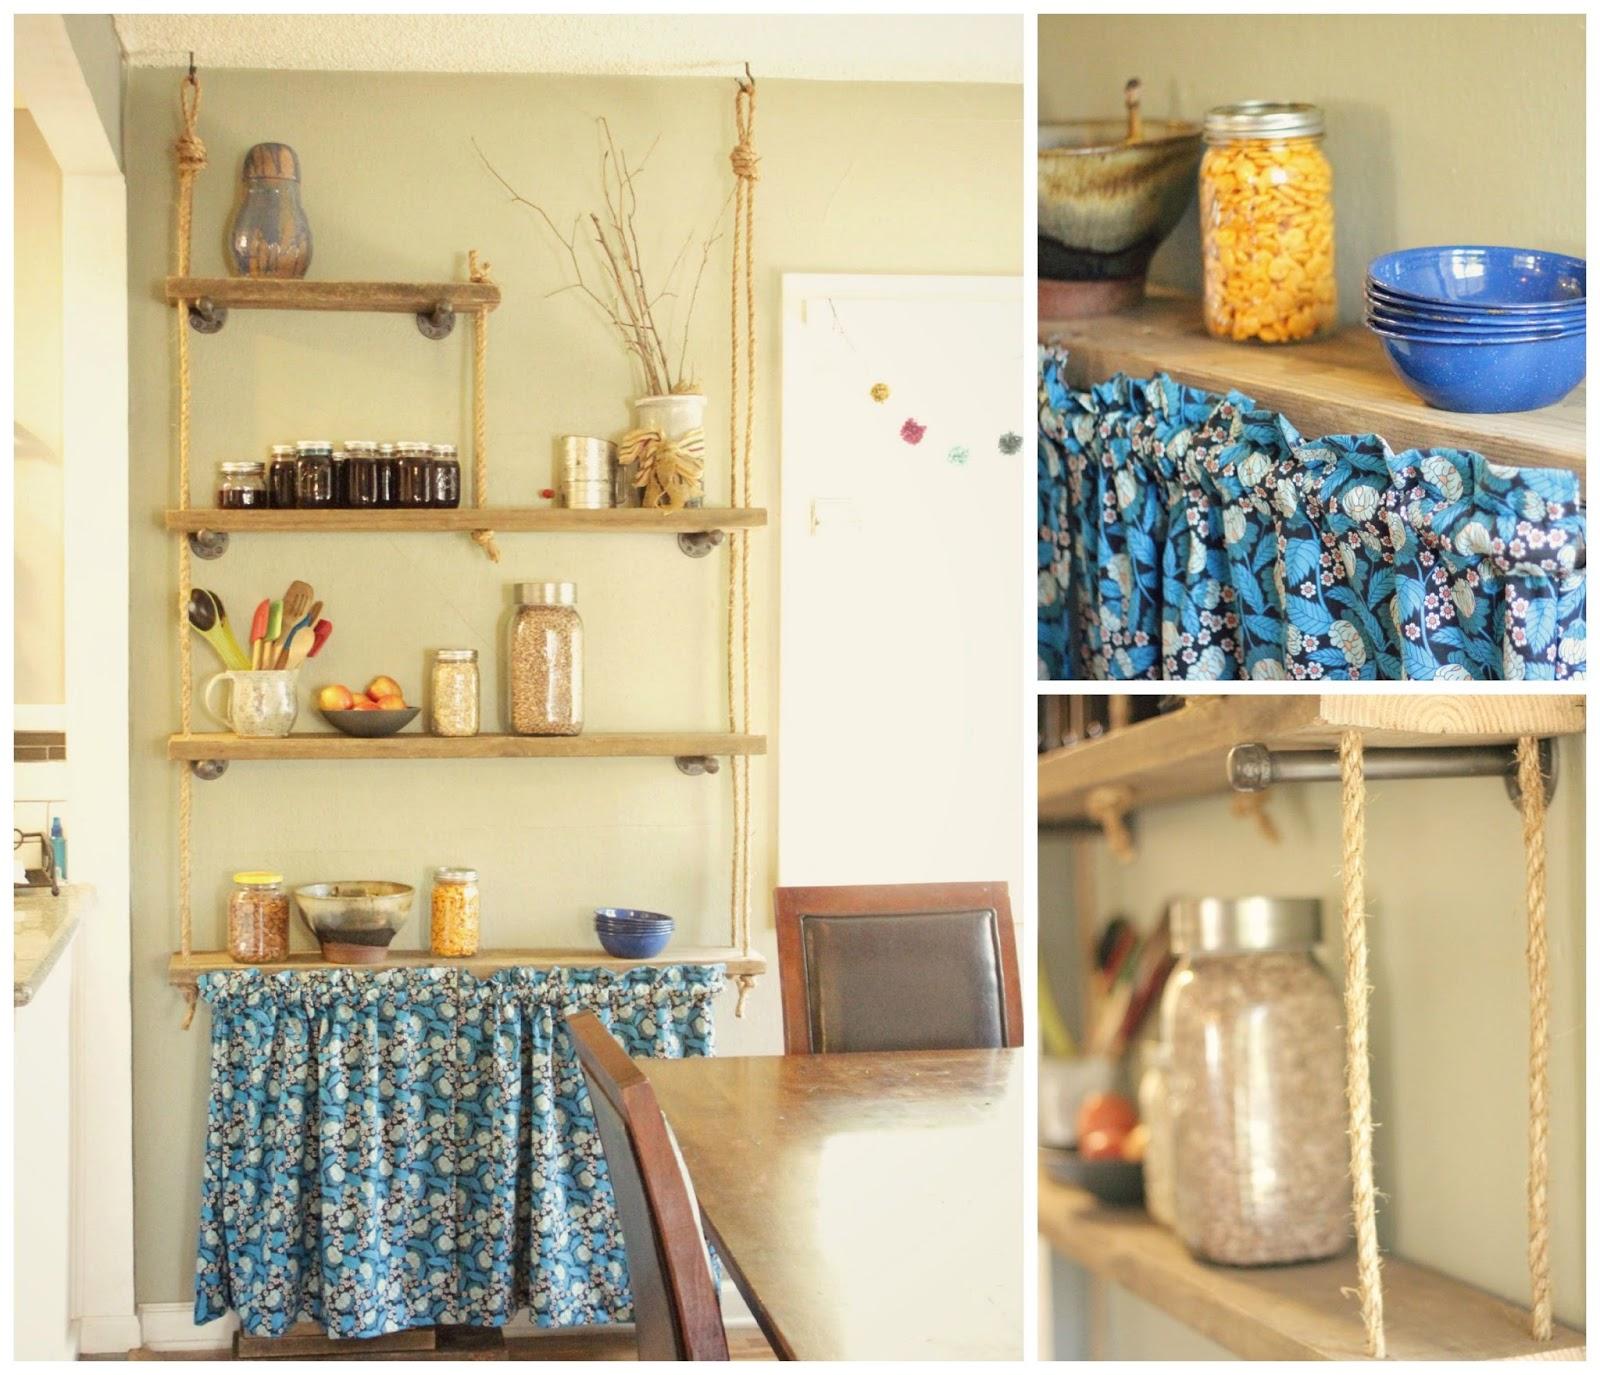 bebb0-kitchen2bshelves2b4.jpg